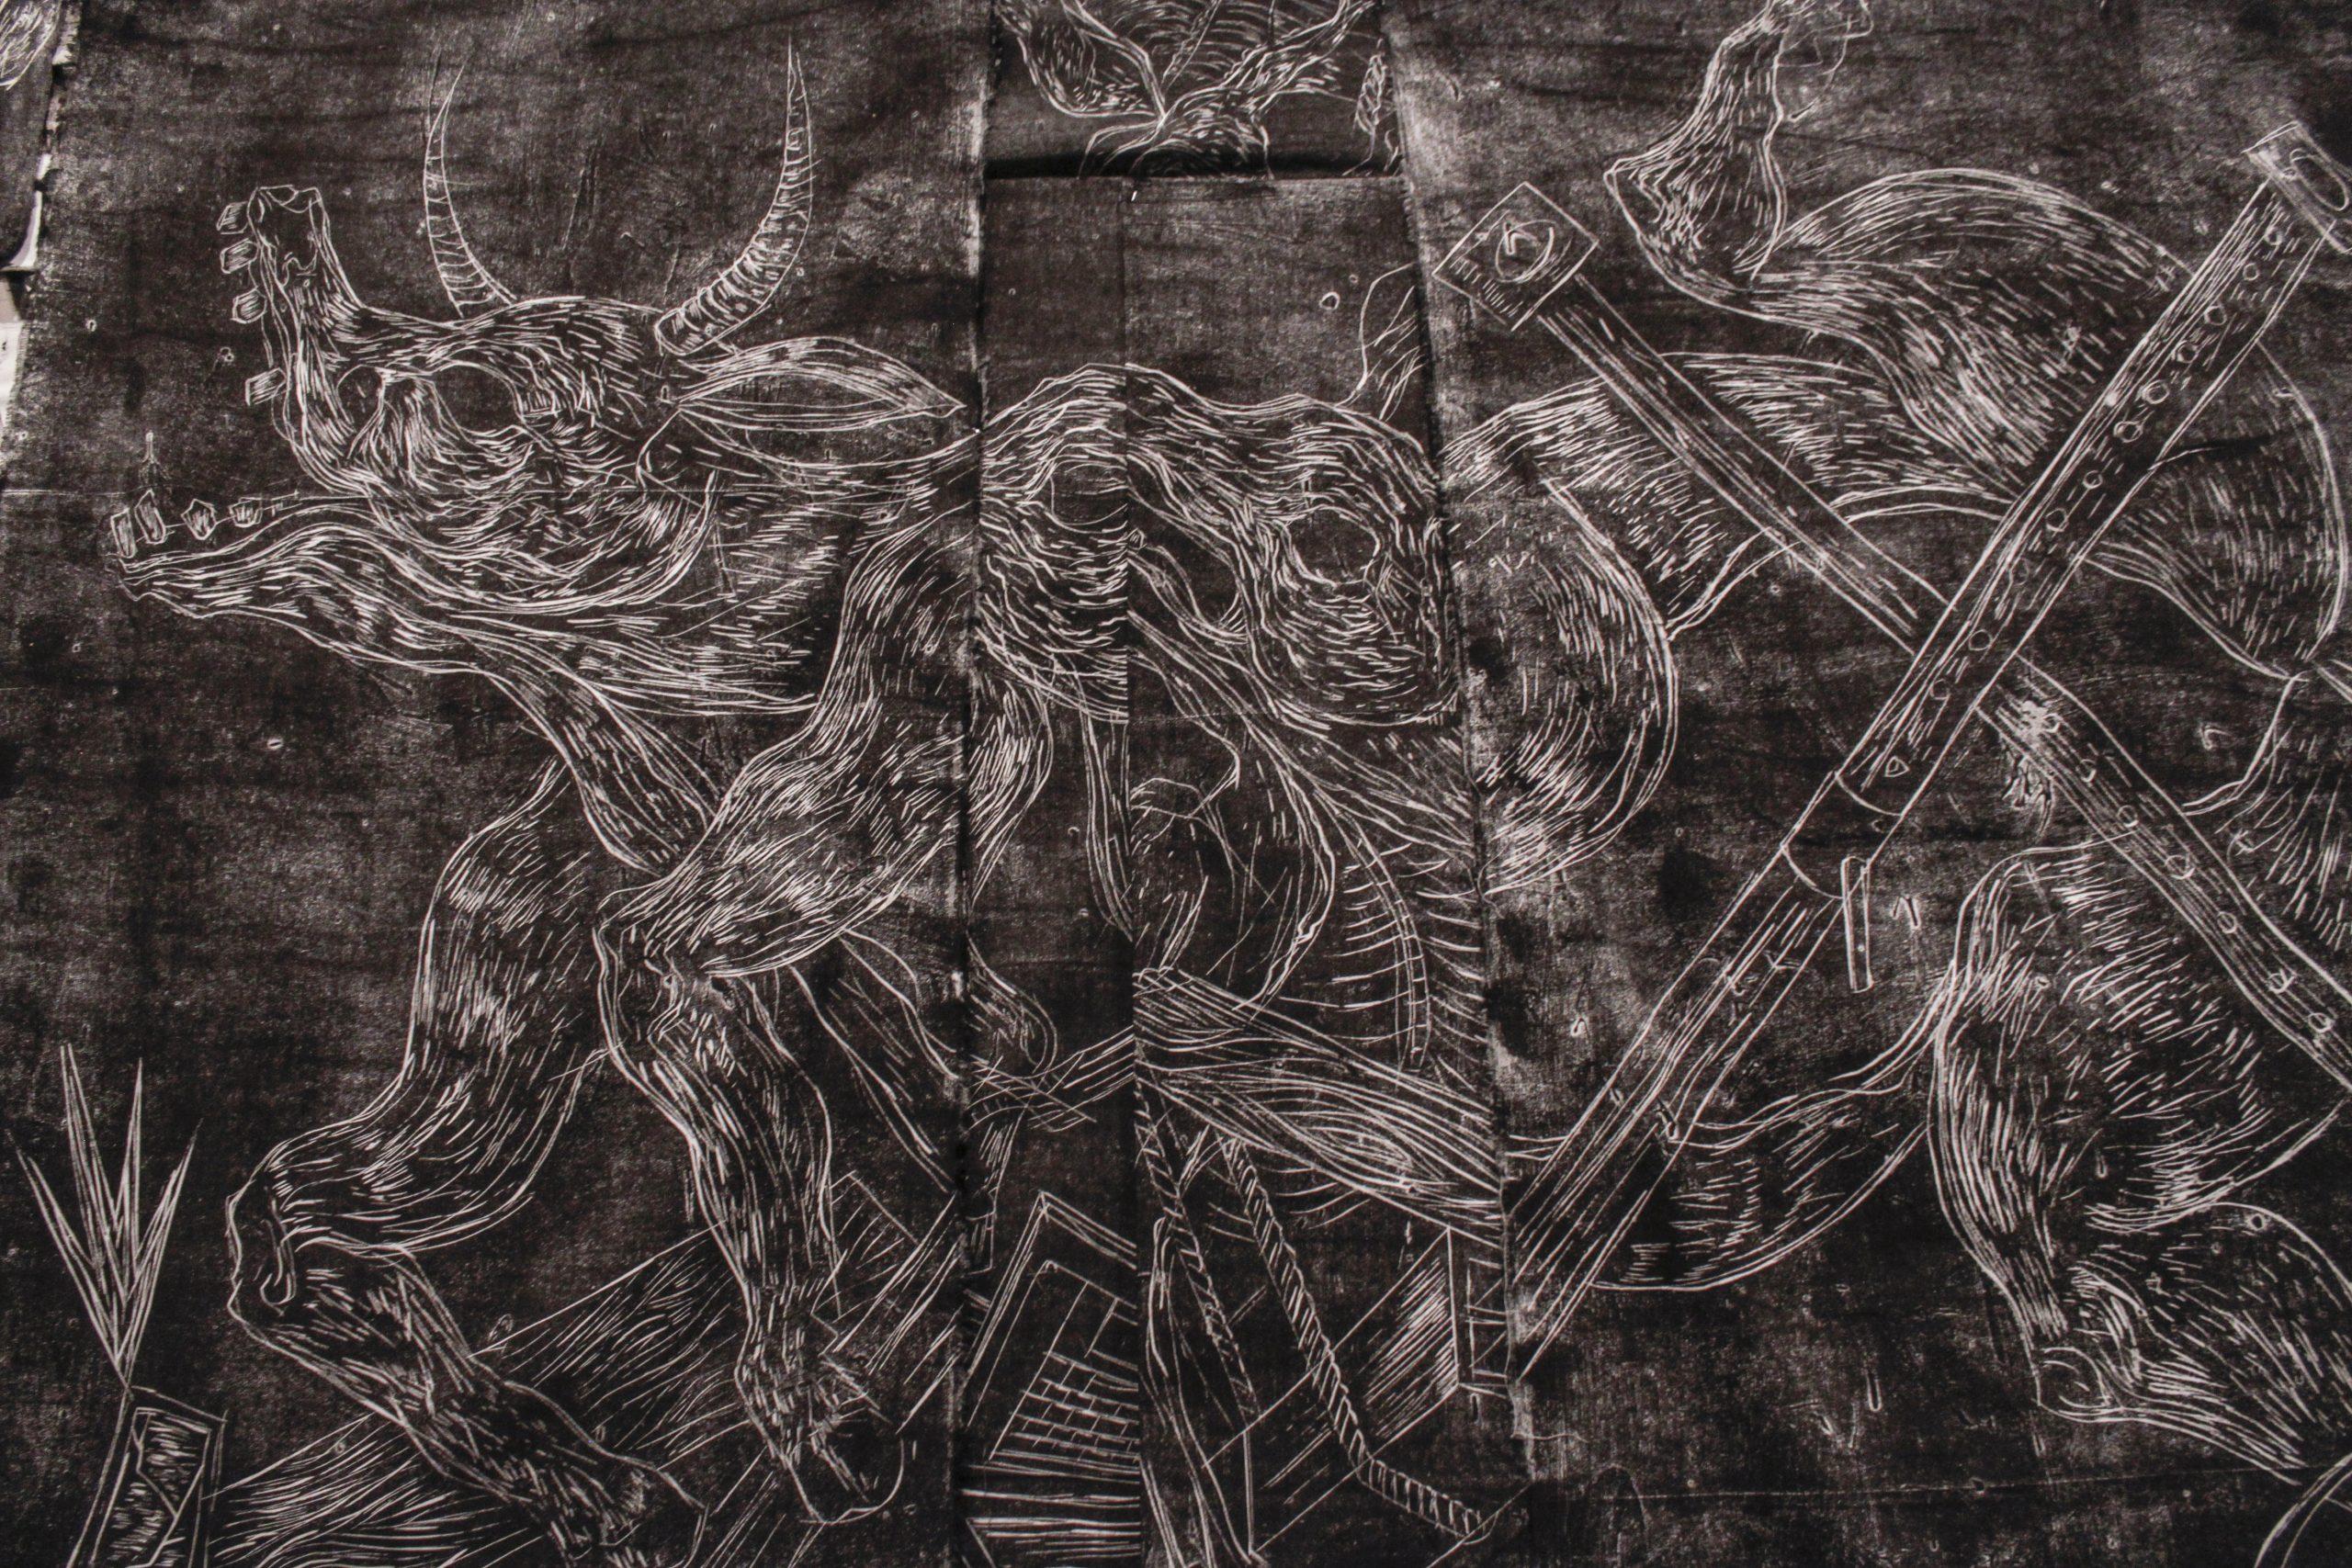 CARLOS ZORROMONO – SACRIFICIO A LOS NUEVOS DIOSES – TABACALERA CANTERA 05